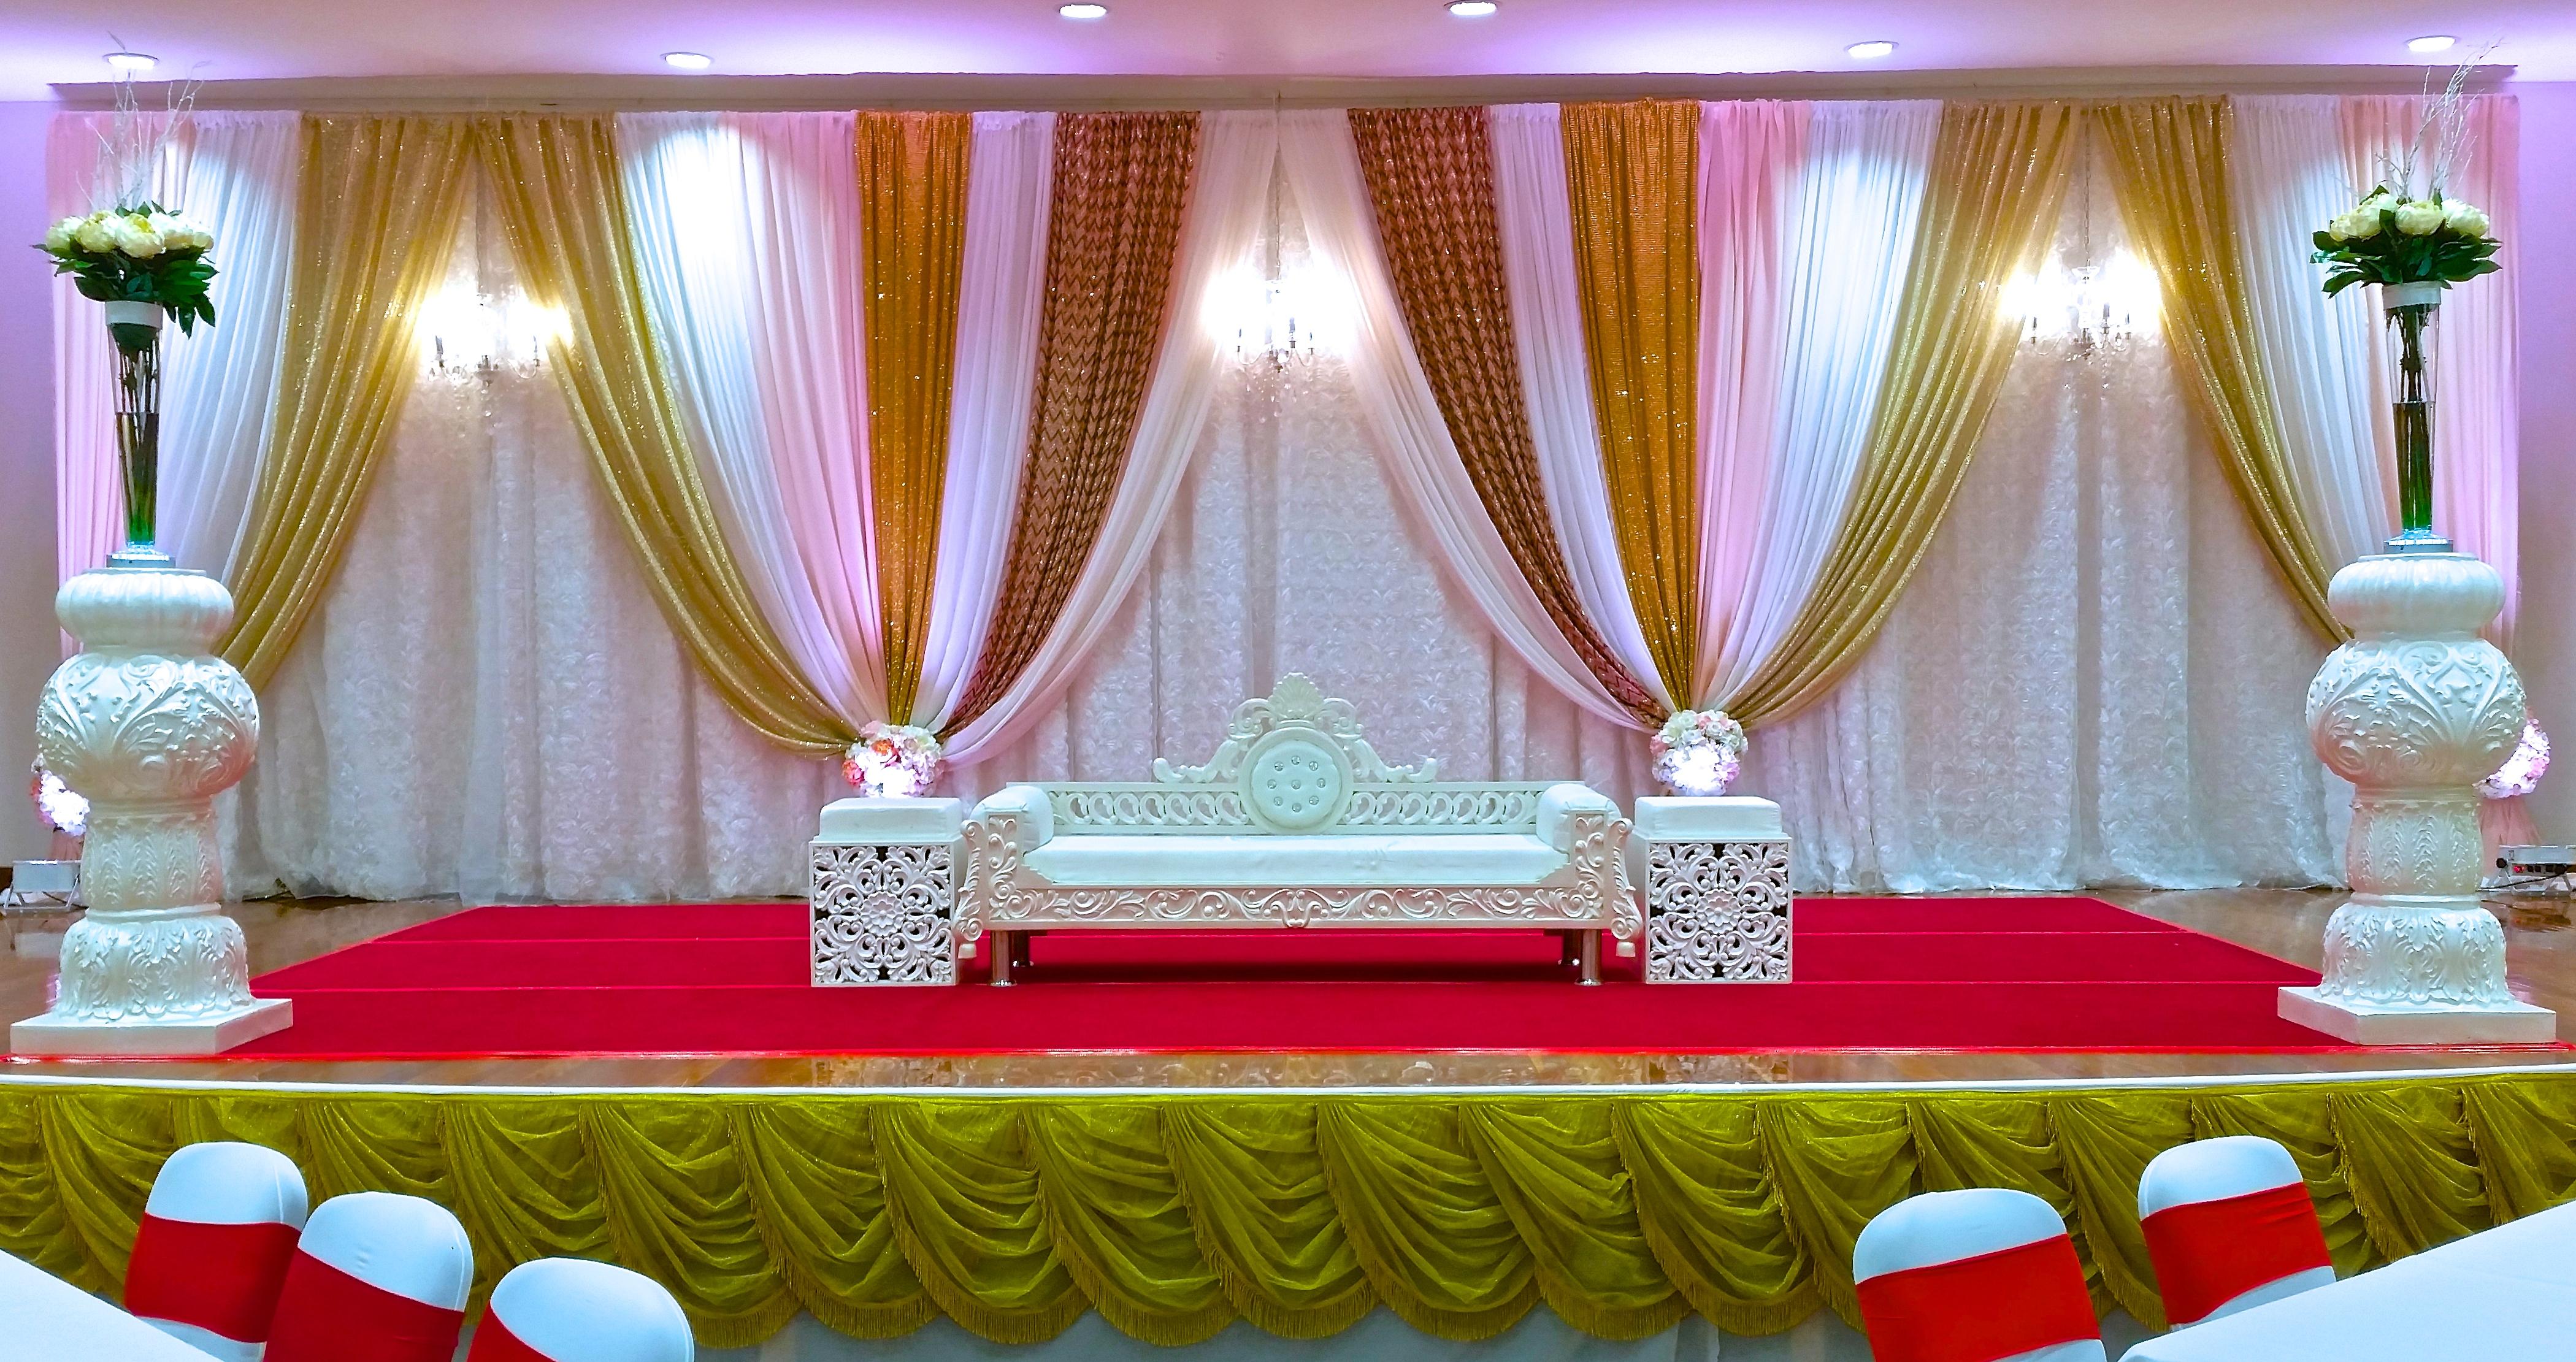 Wedding Planning and Mandaps